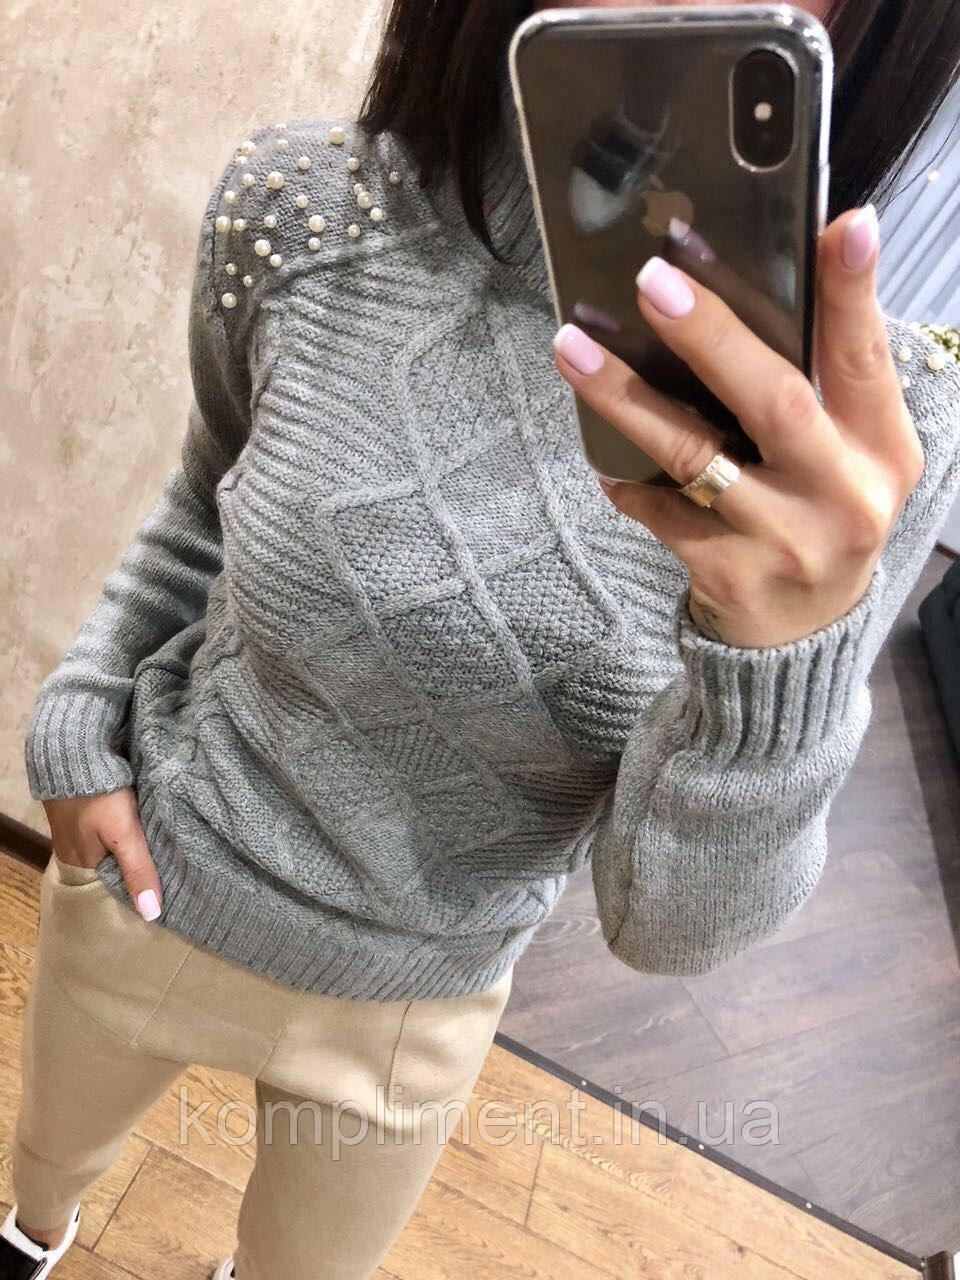 Теплый свитер женский шерстяной с горлом, серый.Производство Турция.NВ 2402/2